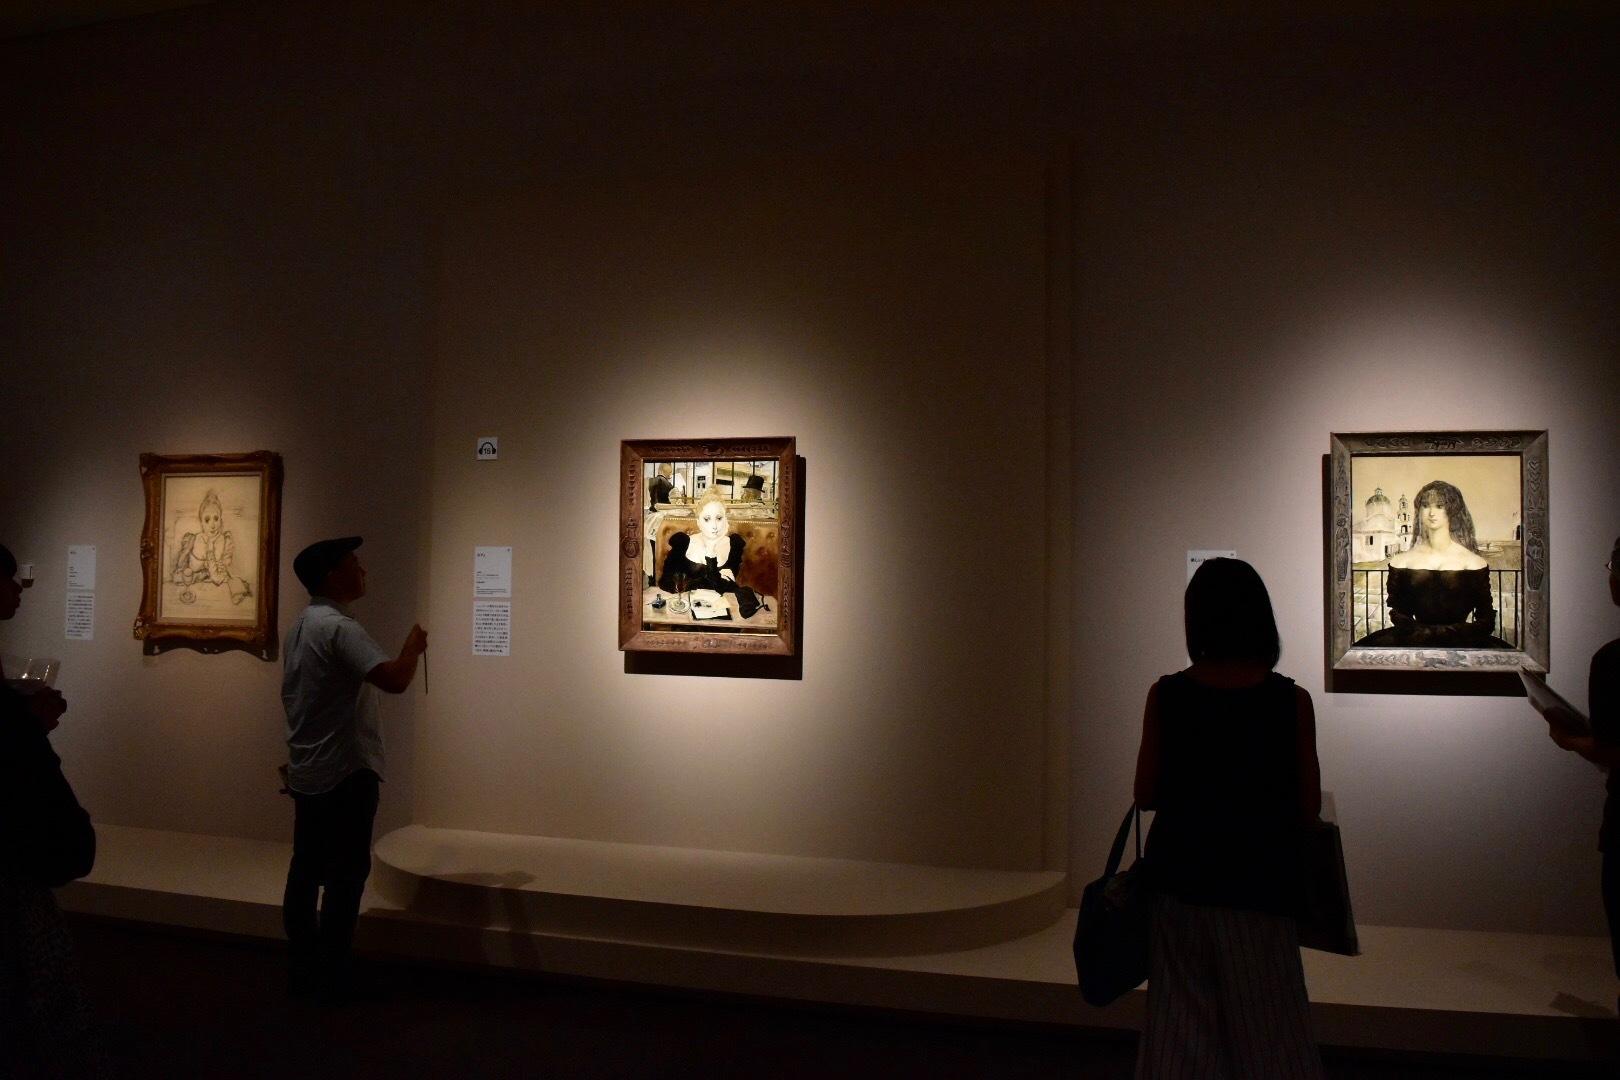 右から《美しいスペイン女》 1949年 豊田市美術館蔵、《カフェ》 1949年 ポンピドゥー・センター蔵、《カフェ》 1949年 熊本県立美術館蔵 (C) Foun dation Foujita / ADAGP , Paris & JASPAR , Tokyo , 2017 E2833